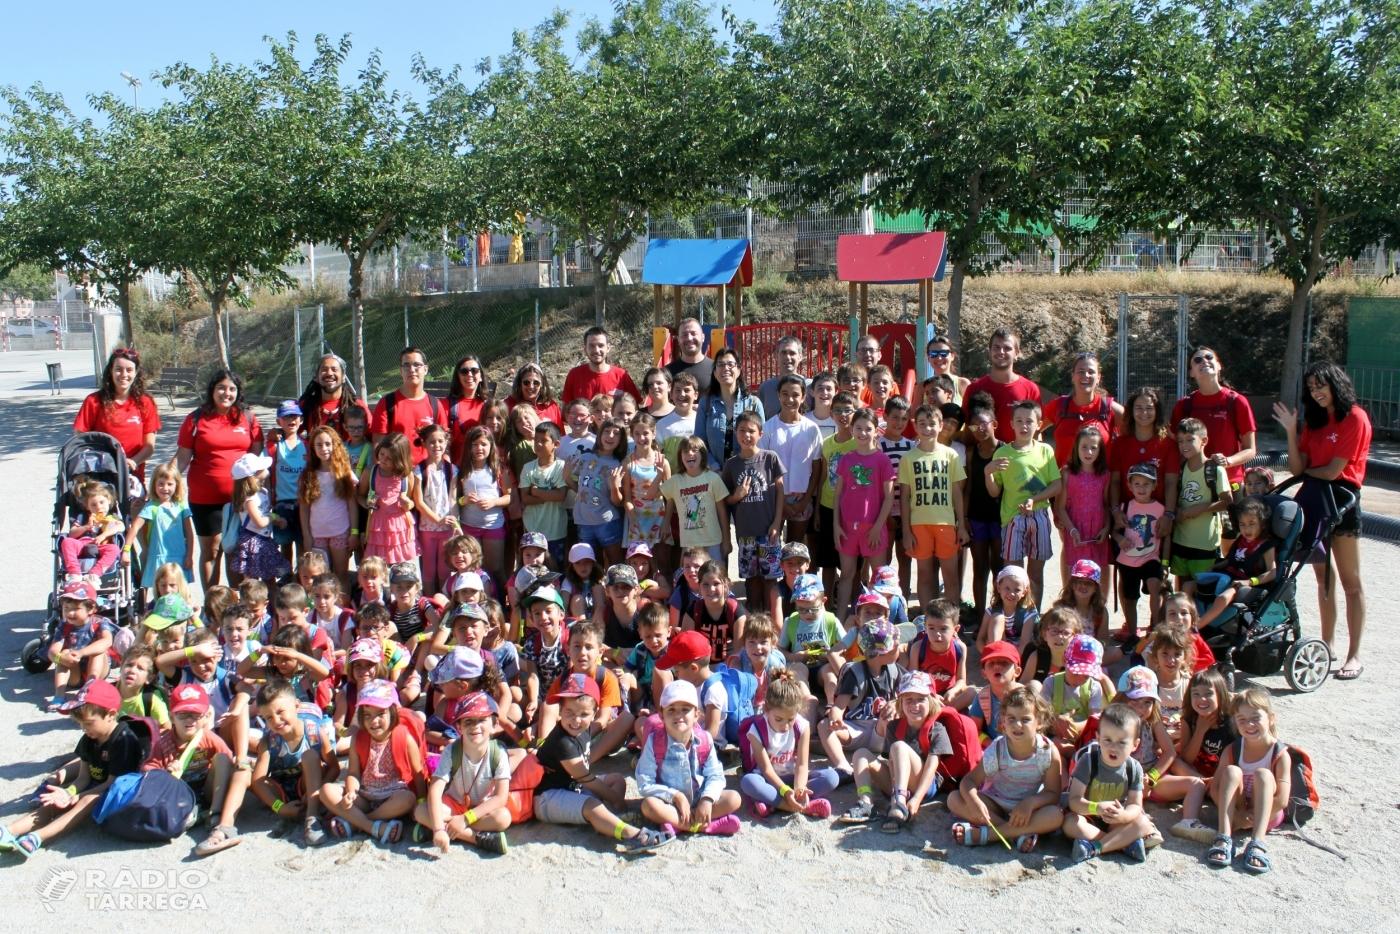 Èxit de participació als casals municipals d'estiu de Tàrrega, que apleguen 170 infants de 3 a 12 anys d'edat